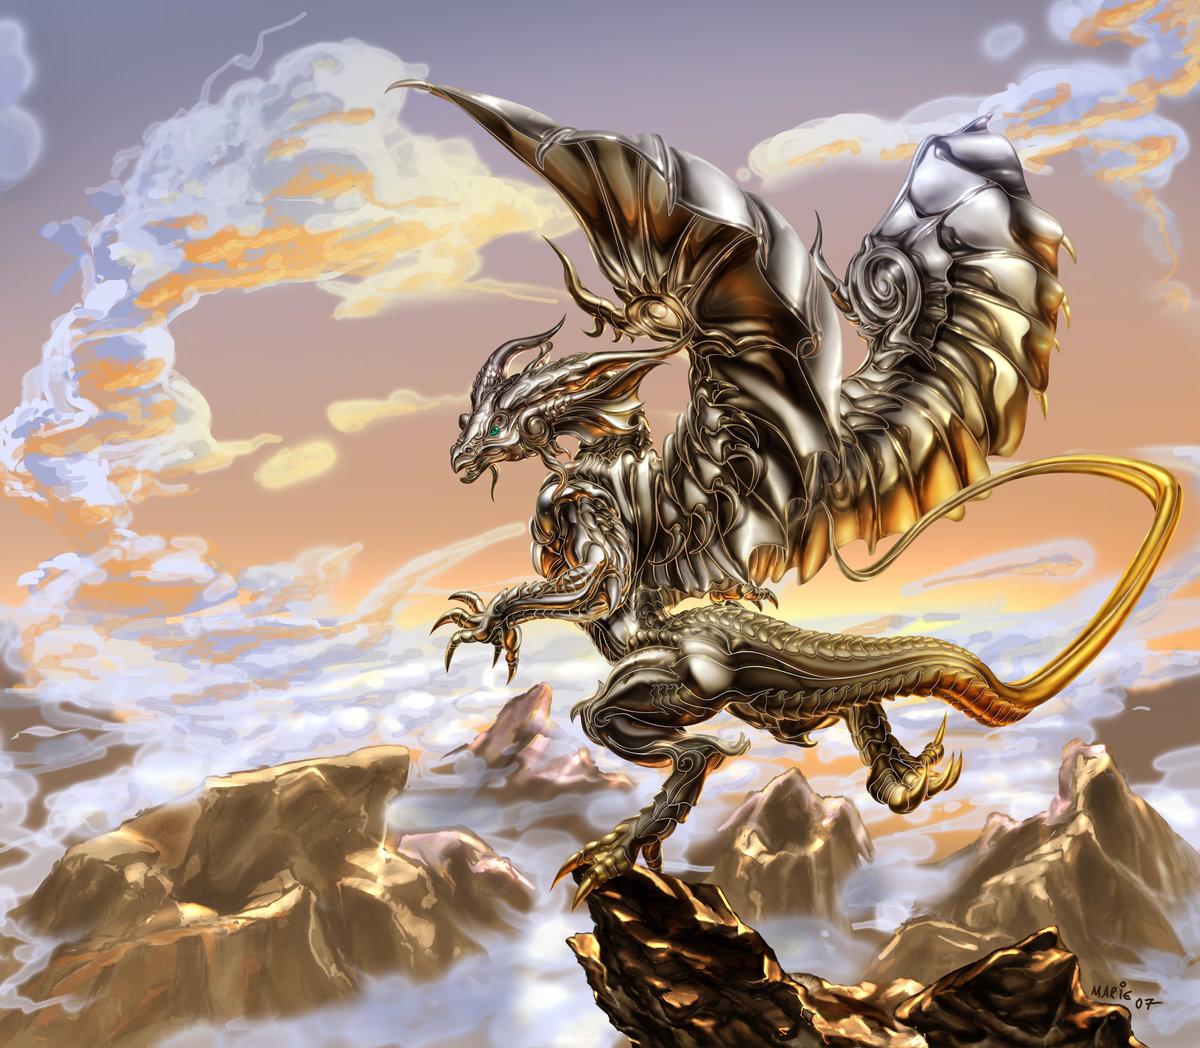 развитии картинки стального дракона такого растения все